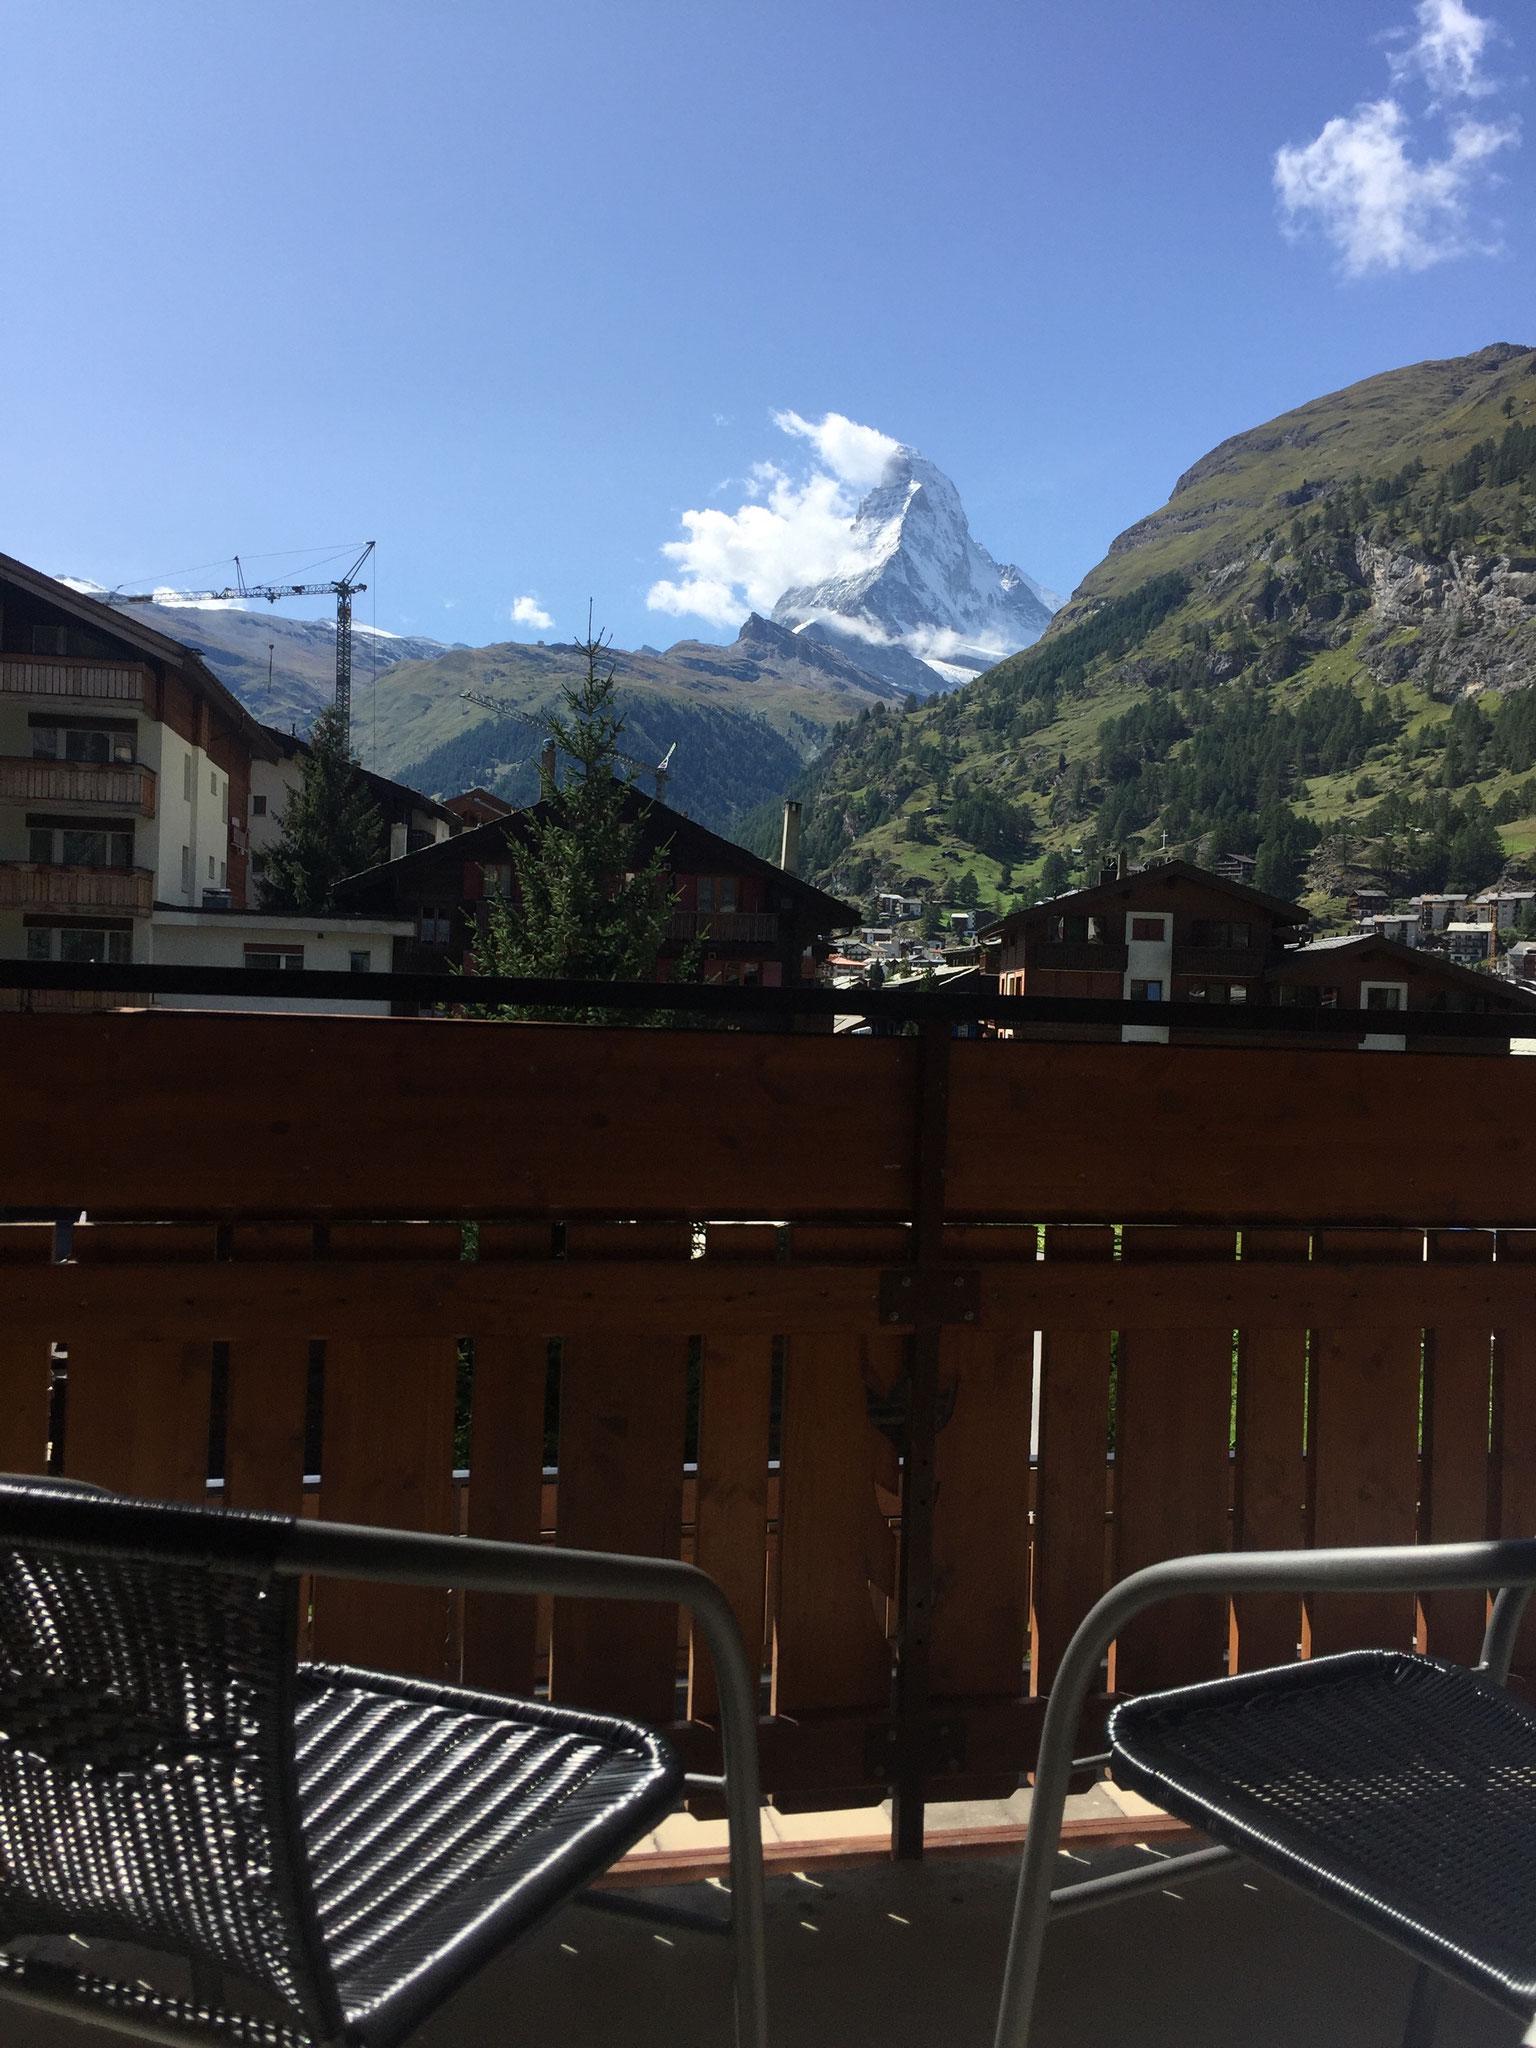 Matterhornsicht von allen Süd- und Südwest-Balkonen